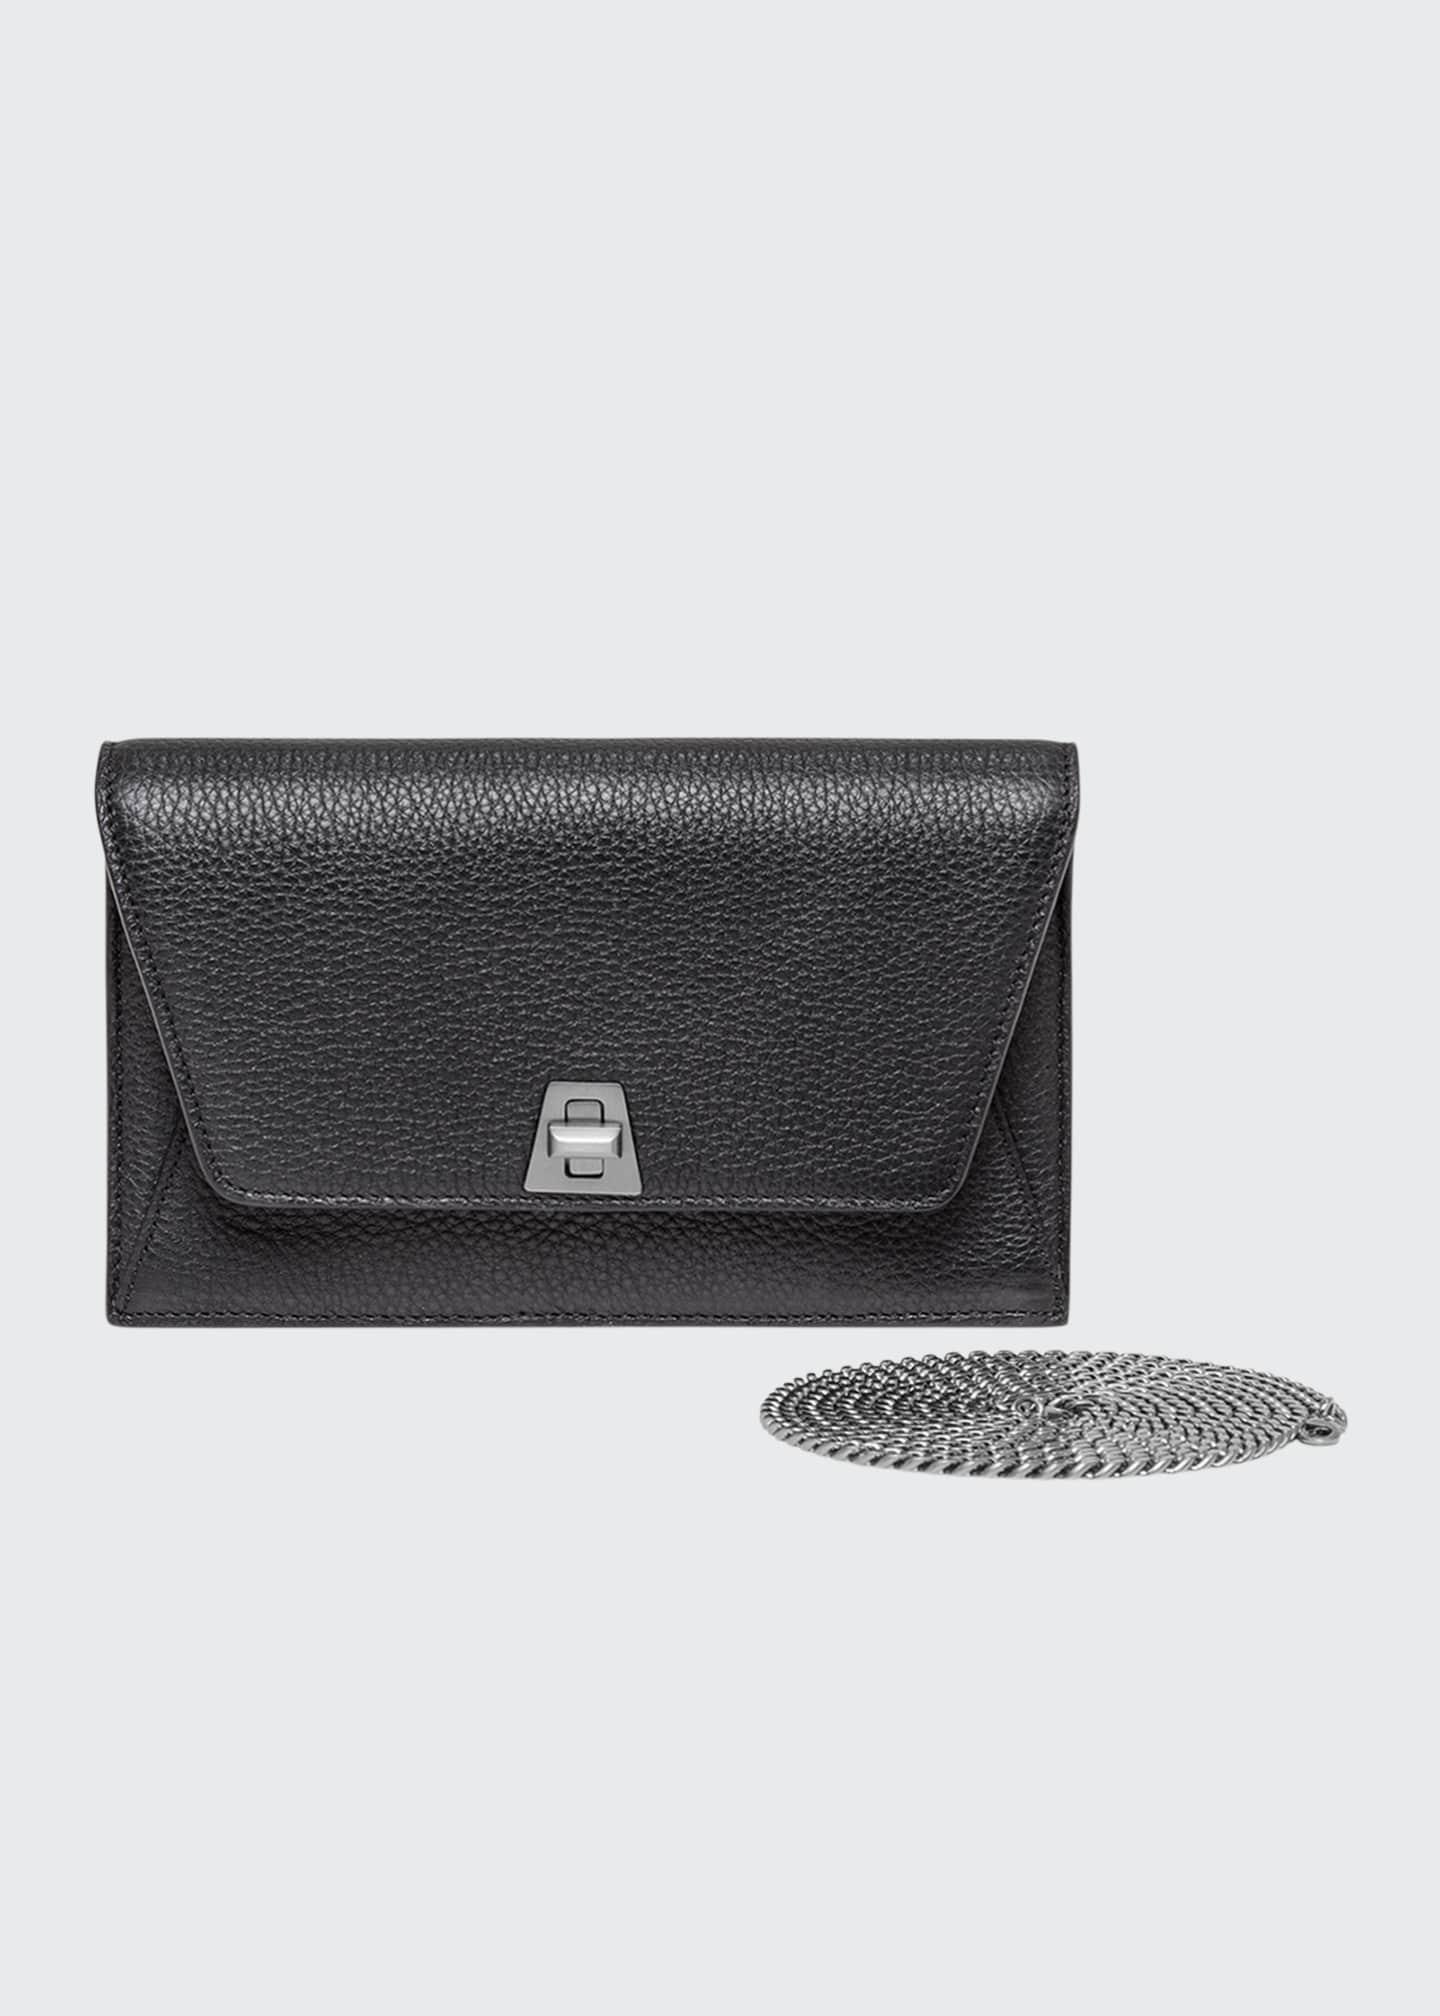 Akris Anouk Cervo Leather Clutch Bag w/Chain